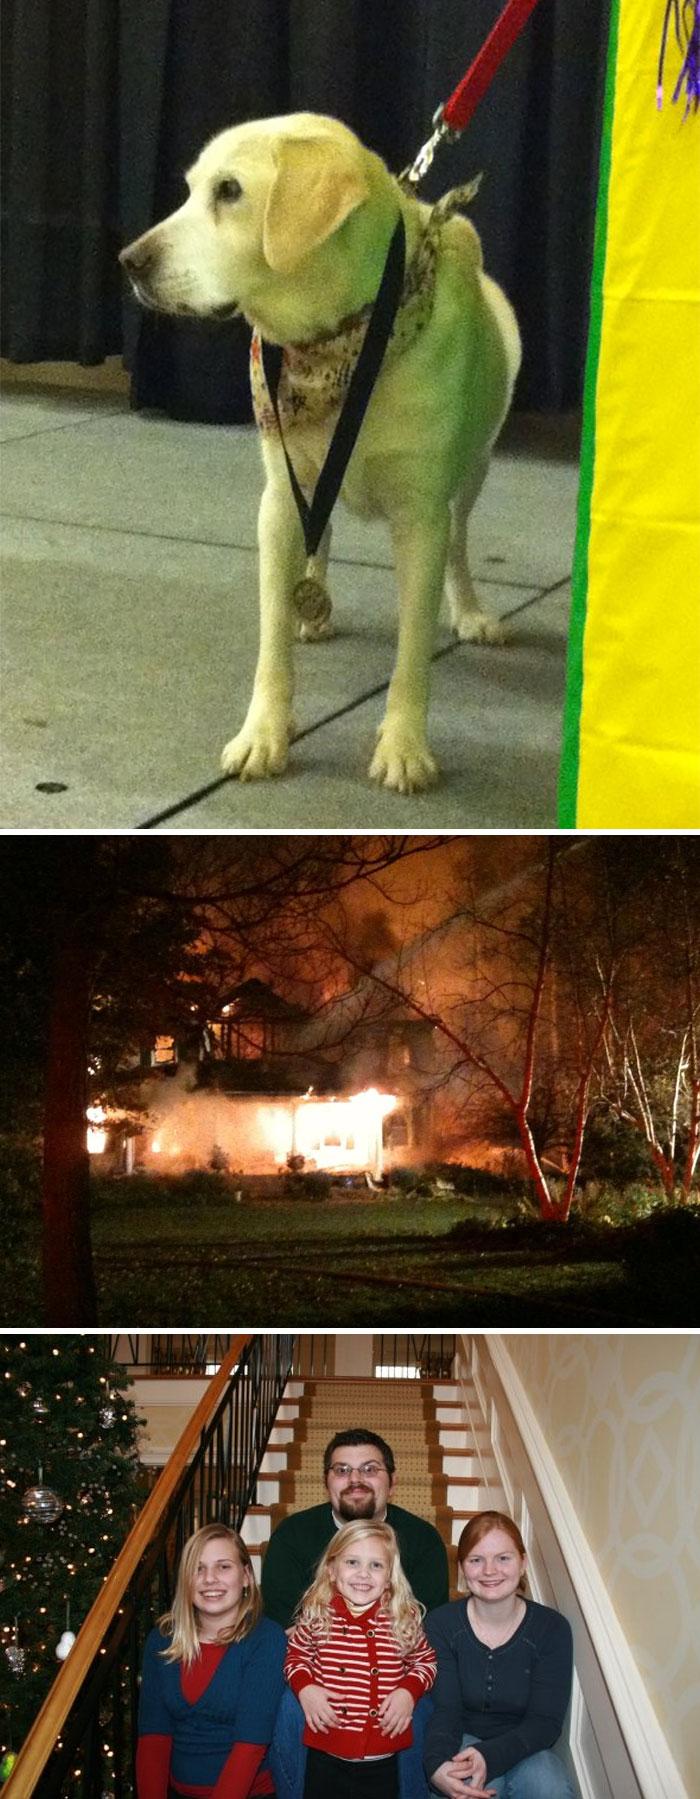 18 kutya, akit hősként könyveltünk el a tetteik miatt13